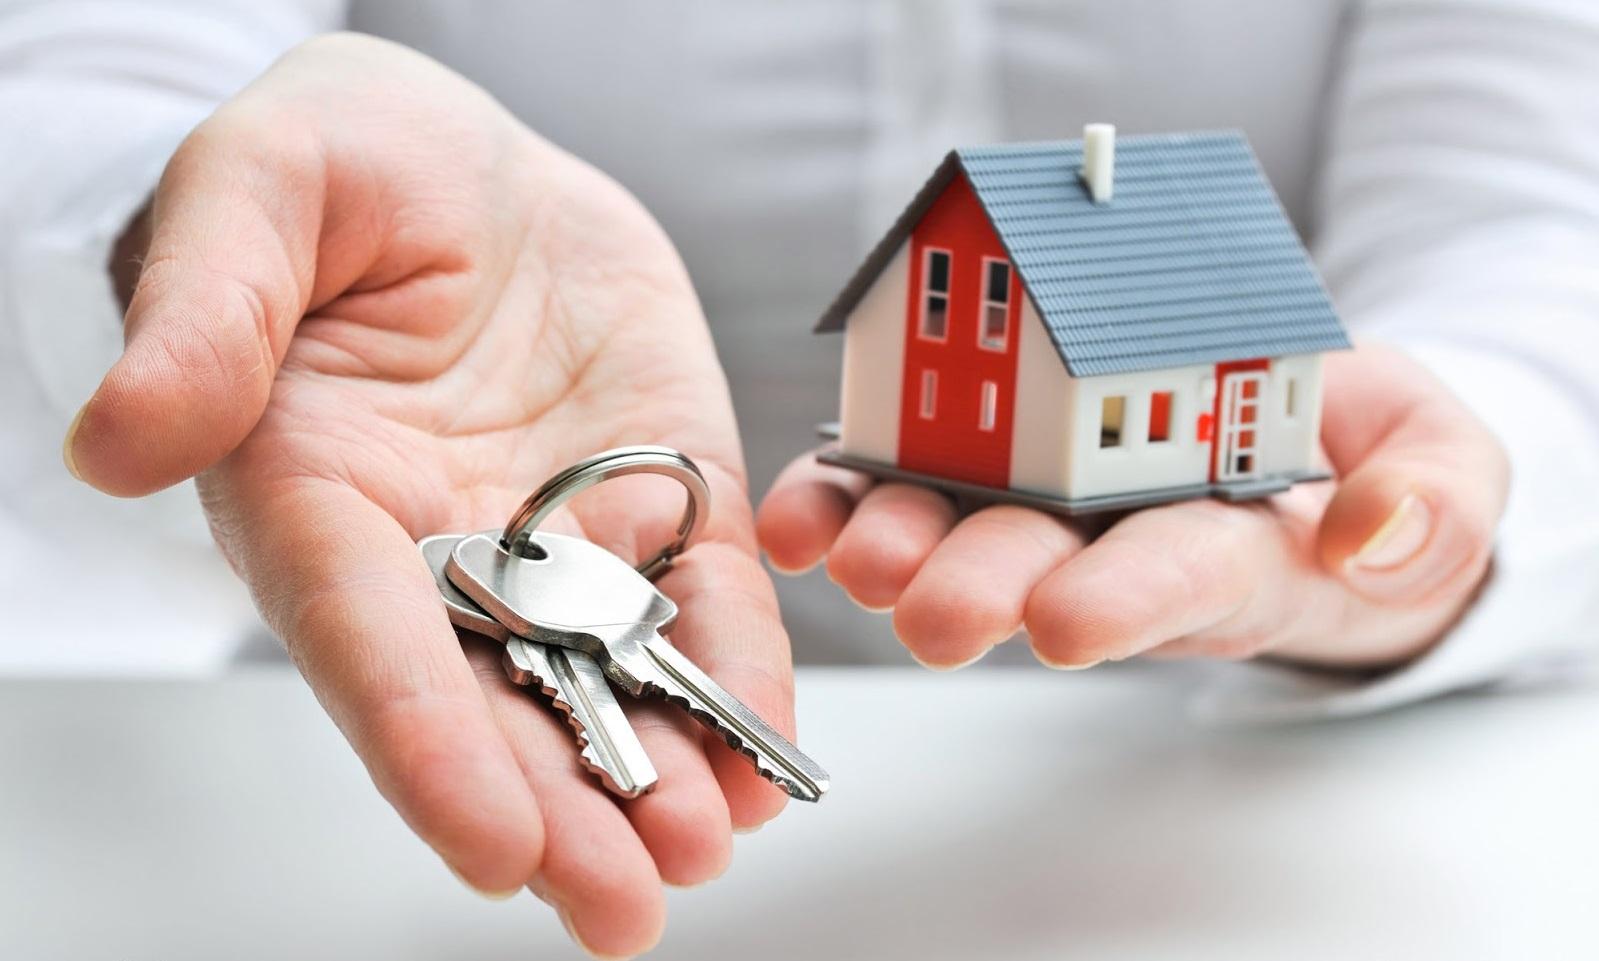 Налоговый вычет при покупке квартиры: что изменилось к 2017-2018 году